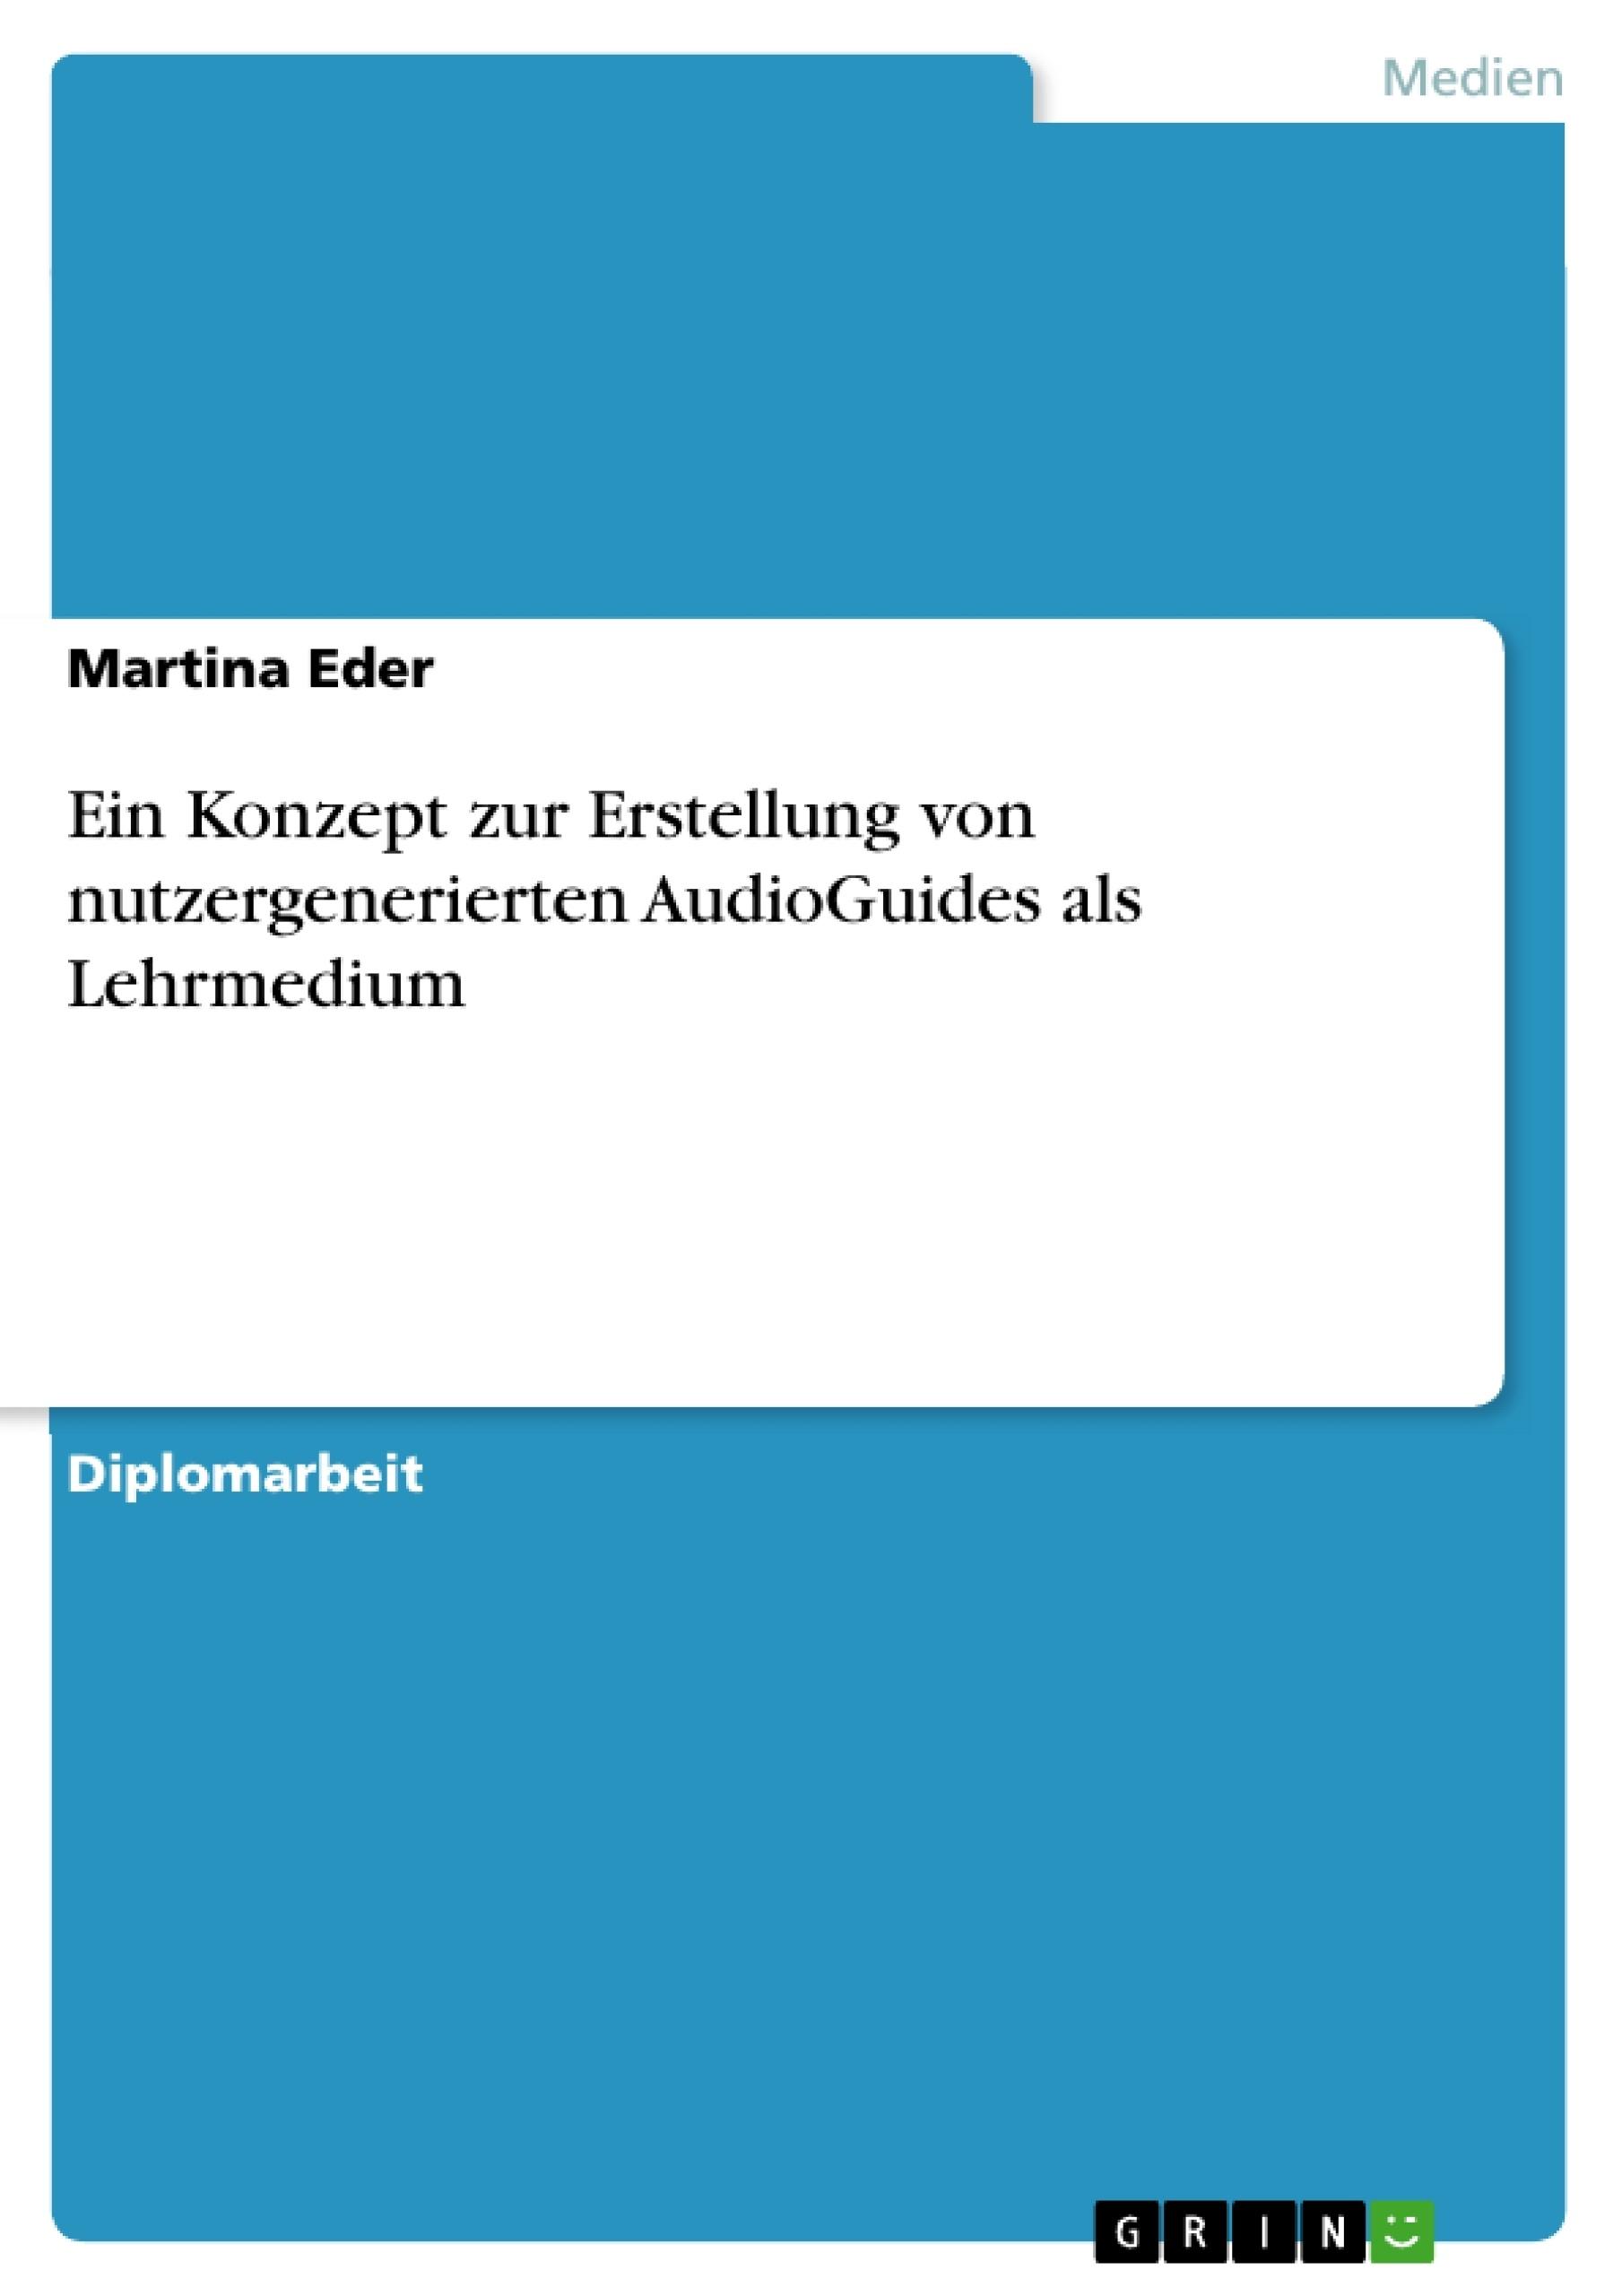 Titel: Ein Konzept zur Erstellung von nutzergenerierten AudioGuides als Lehrmedium